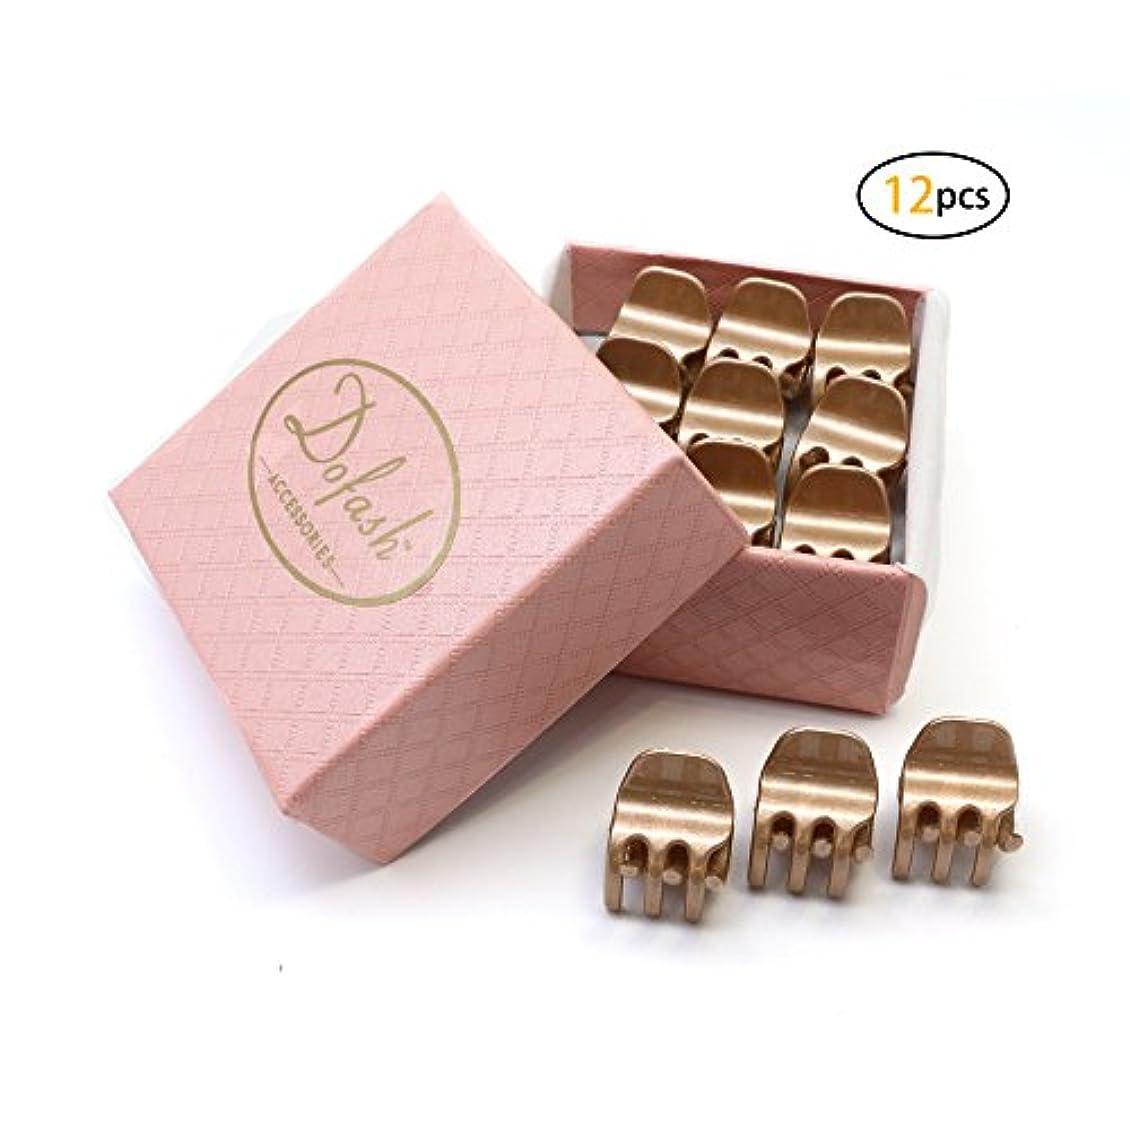 急ぐシガレットスライムDofash 12個ローズゴールド ミニバンスクリップ、ミニヘアクロークリップ プラスチック 1.8CM ヘアクリップ ギフトボックス付き 女の子のためと子供用